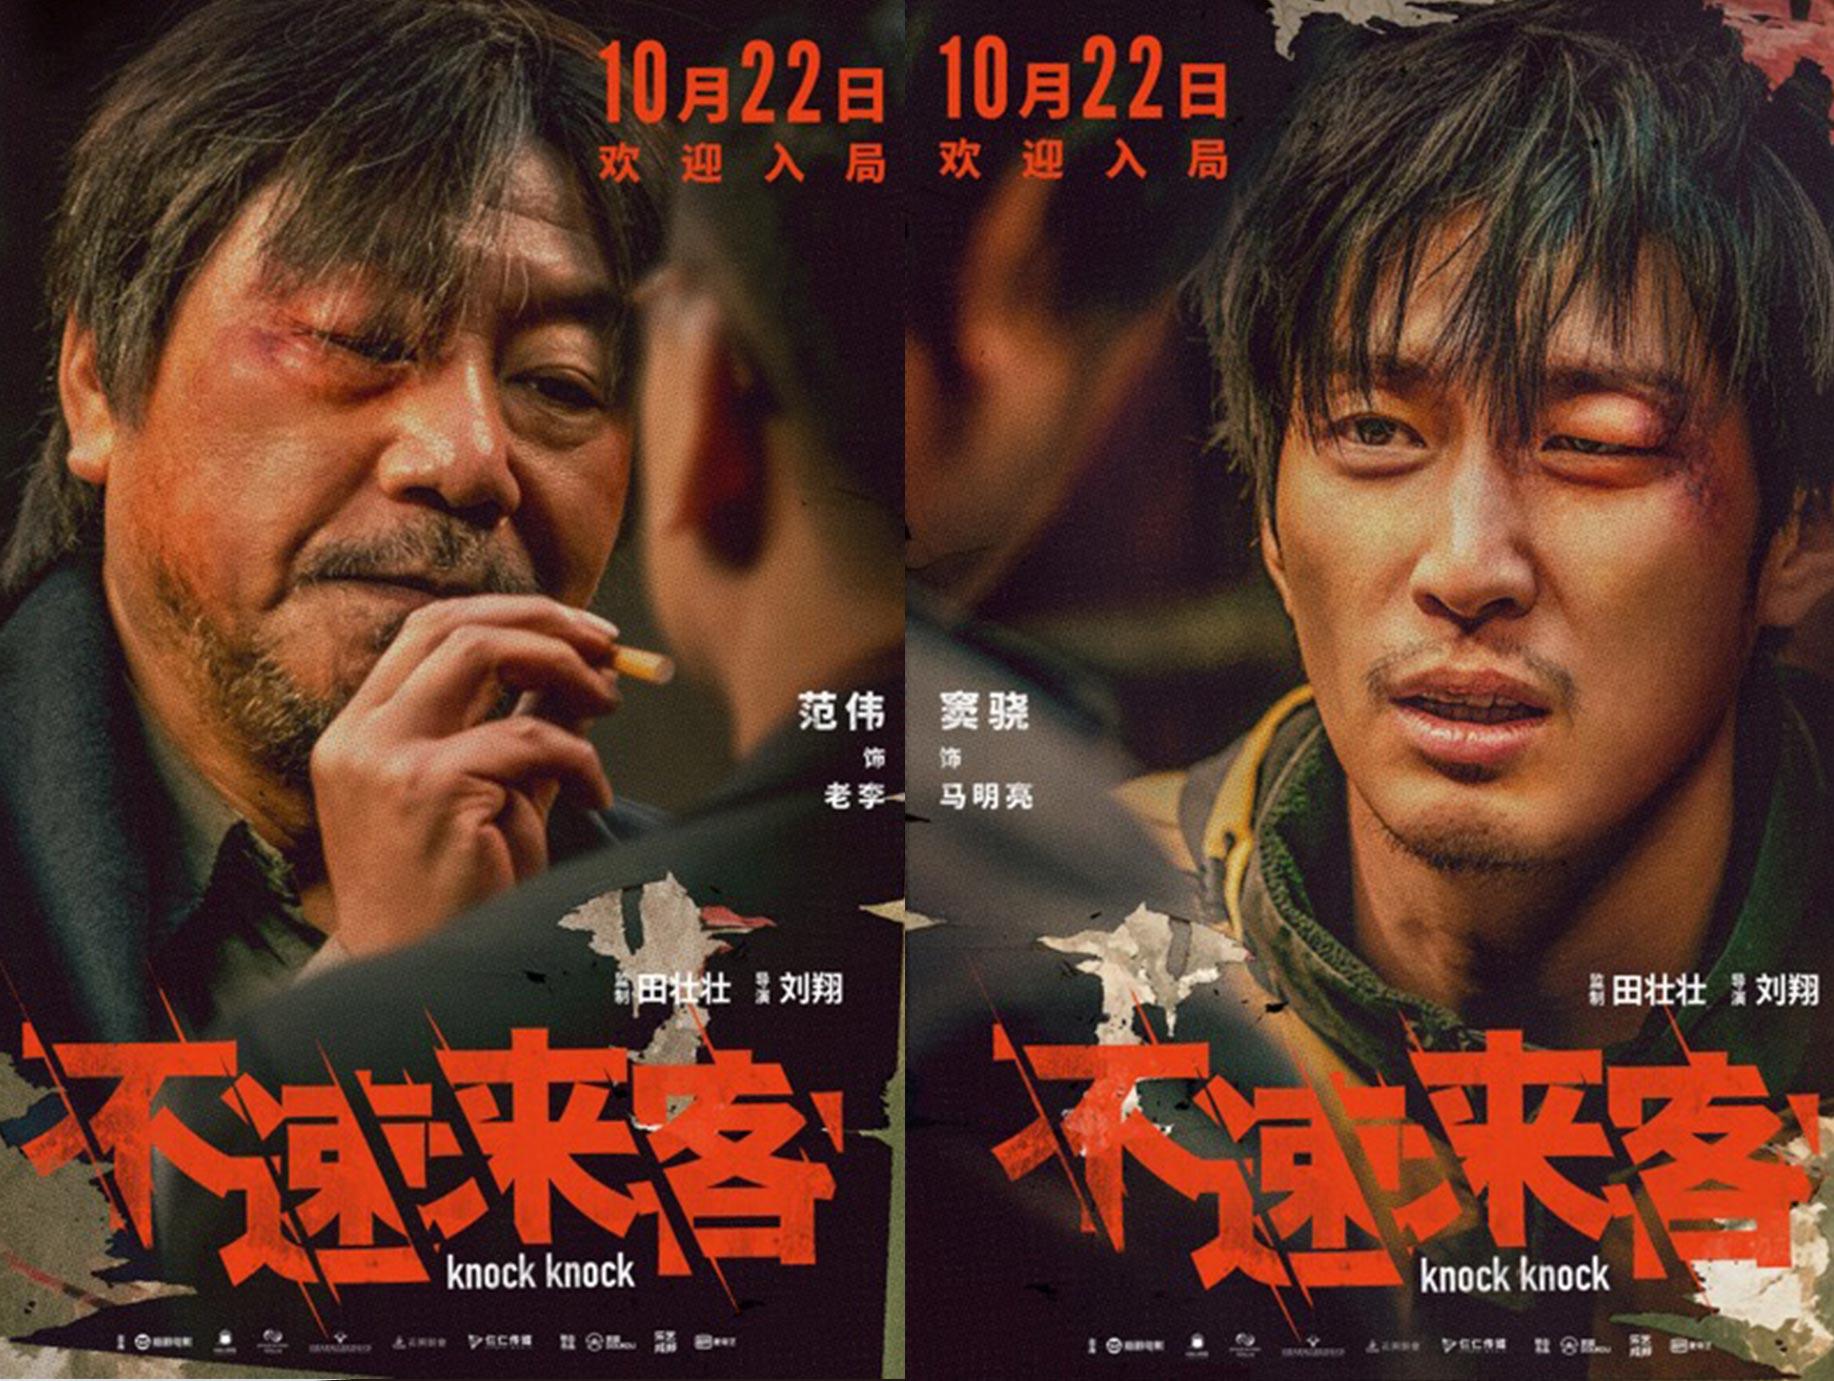 电影《不速来客》发布角色海报关系成谜